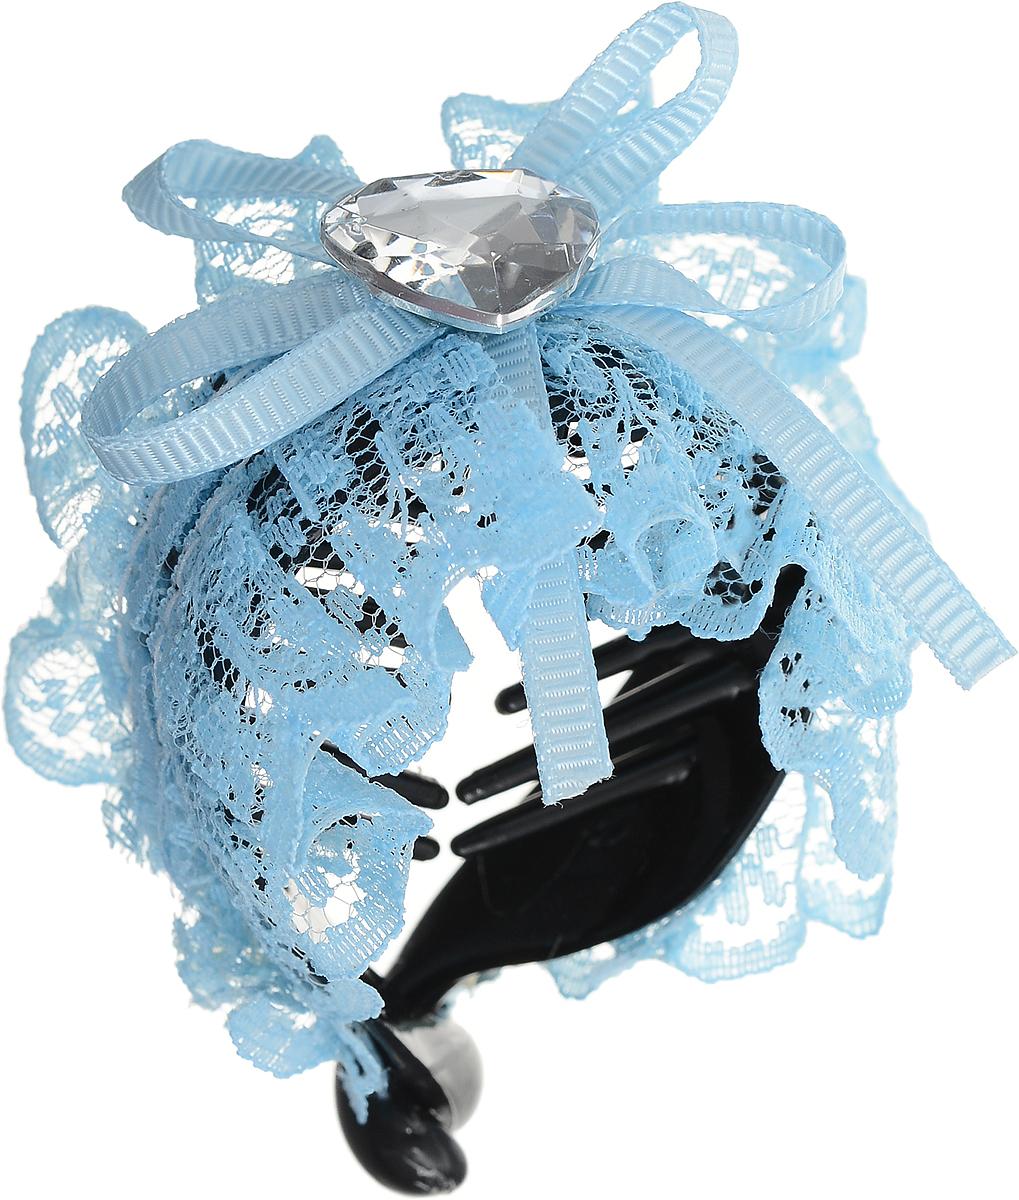 Зажим для волос Mitya Veselkov, цвет: синий. 1058-BLUE-DAMCDB 605Стильный зажим для волос Mitya Veselkov изготовлен из пластика, декорирован лентой и стразом в виде сердца.